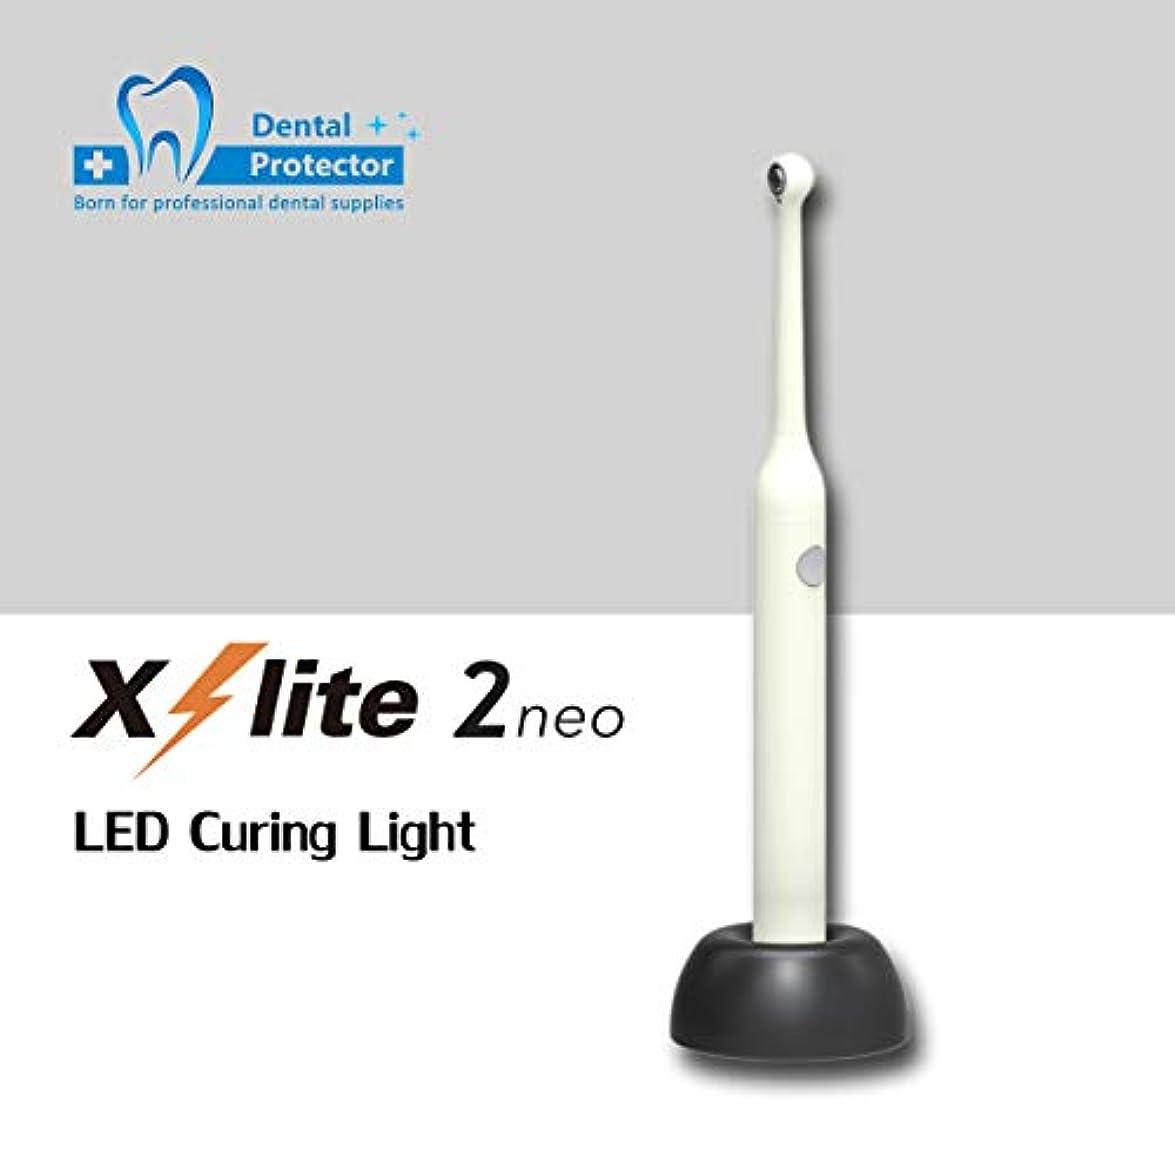 ハイキングに行く有毒な刺す歯科のための3H X-lite 2のneo歯科LEDライト治療ランプ機械無線電信2300mw白